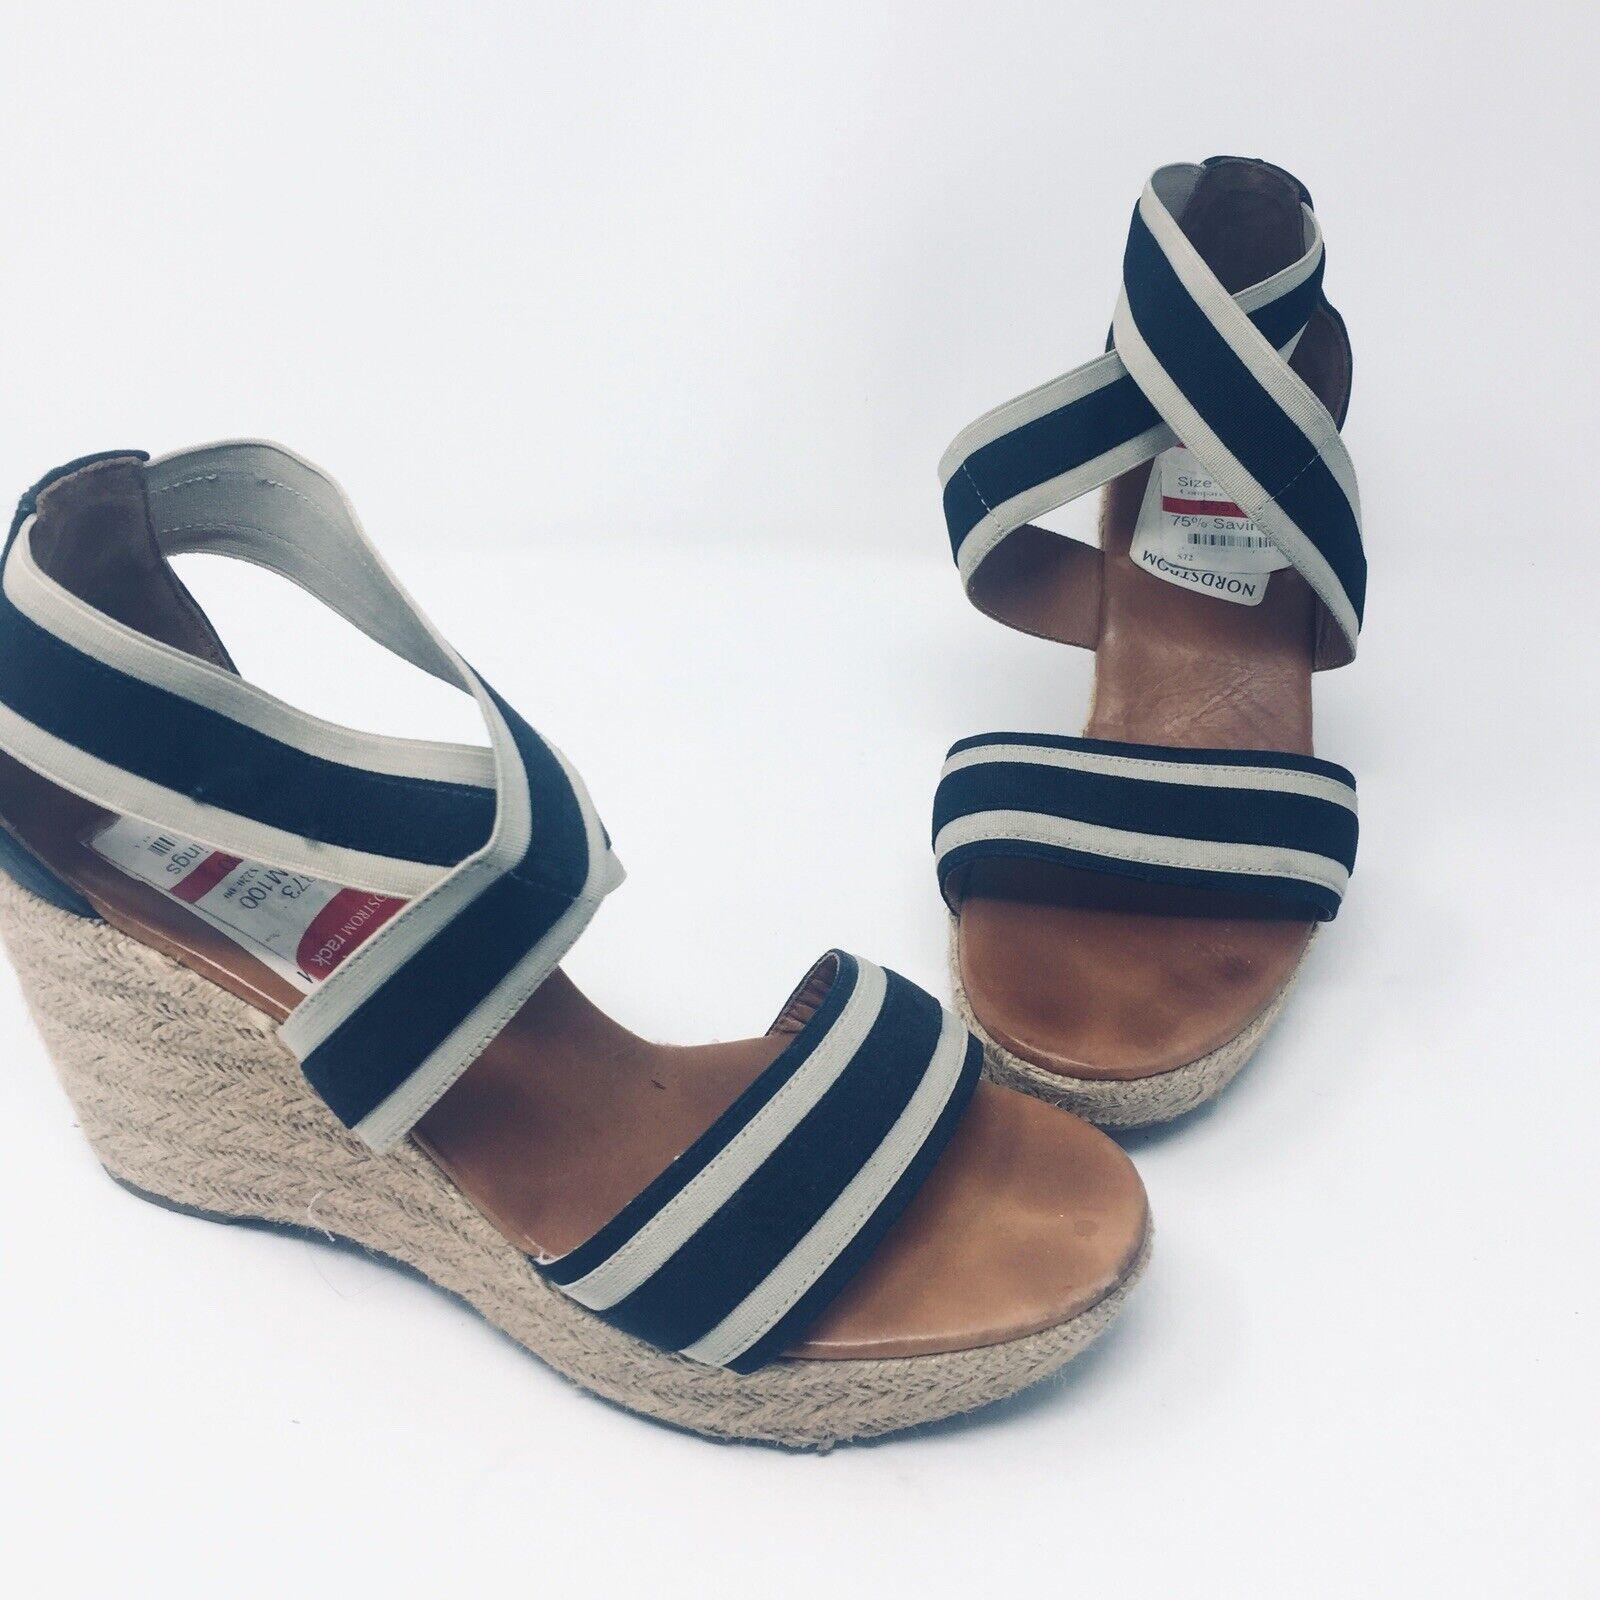 Paul verde Monique Munchen Wedge donna Navy Nautical Stripe Sandals Dimensione 10